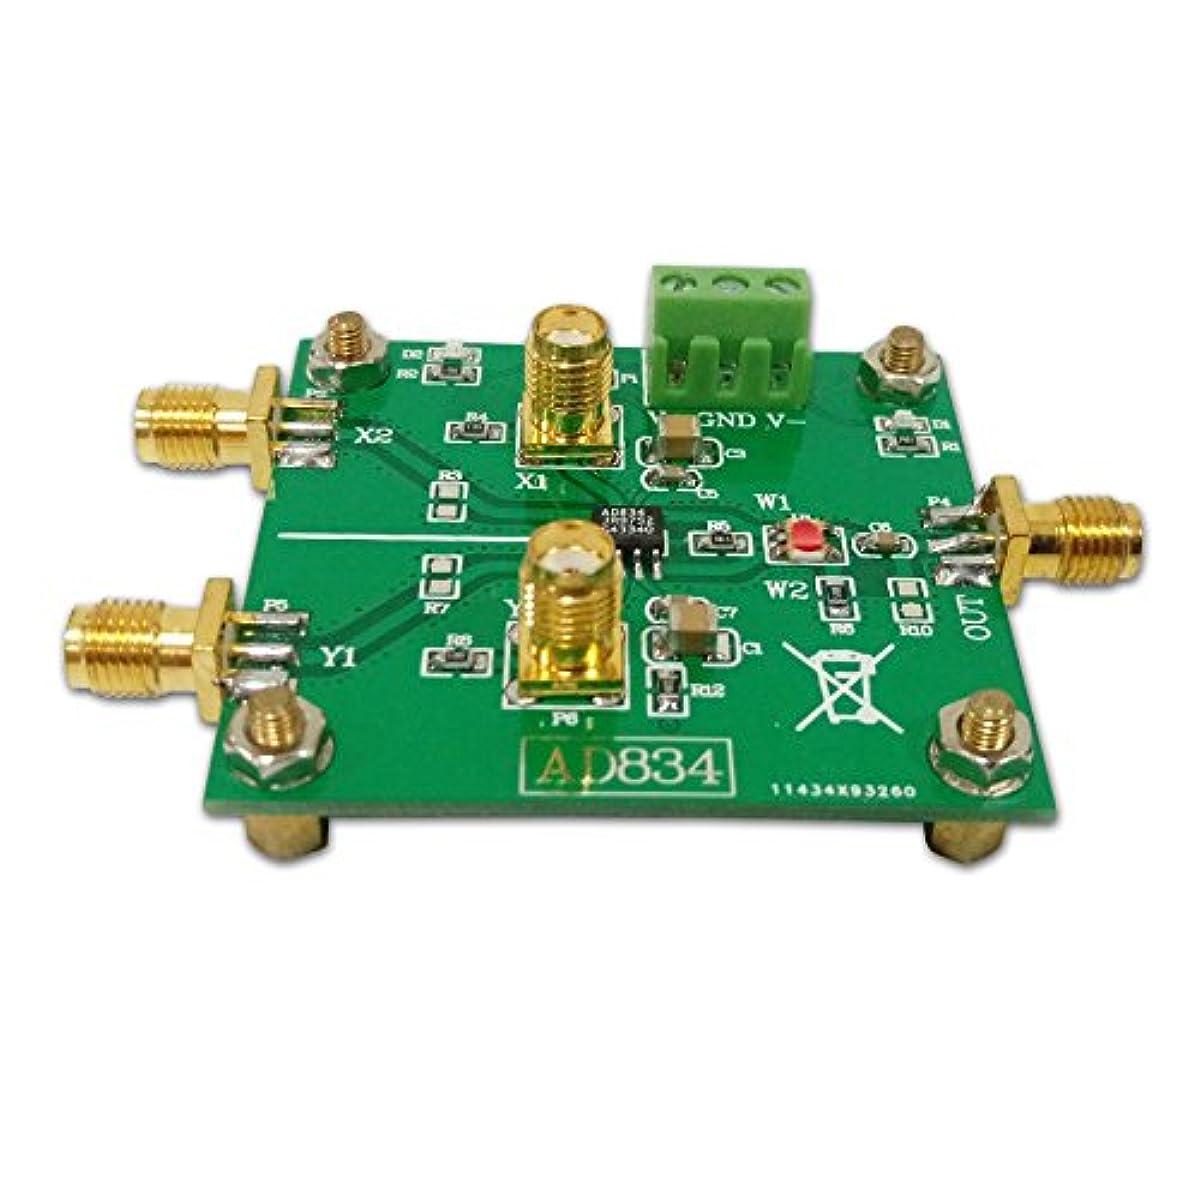 [해외] TAIDACENT AD834 상한승산기모듈 신호 조정 전력 제어배 주파수체배기500MHZ